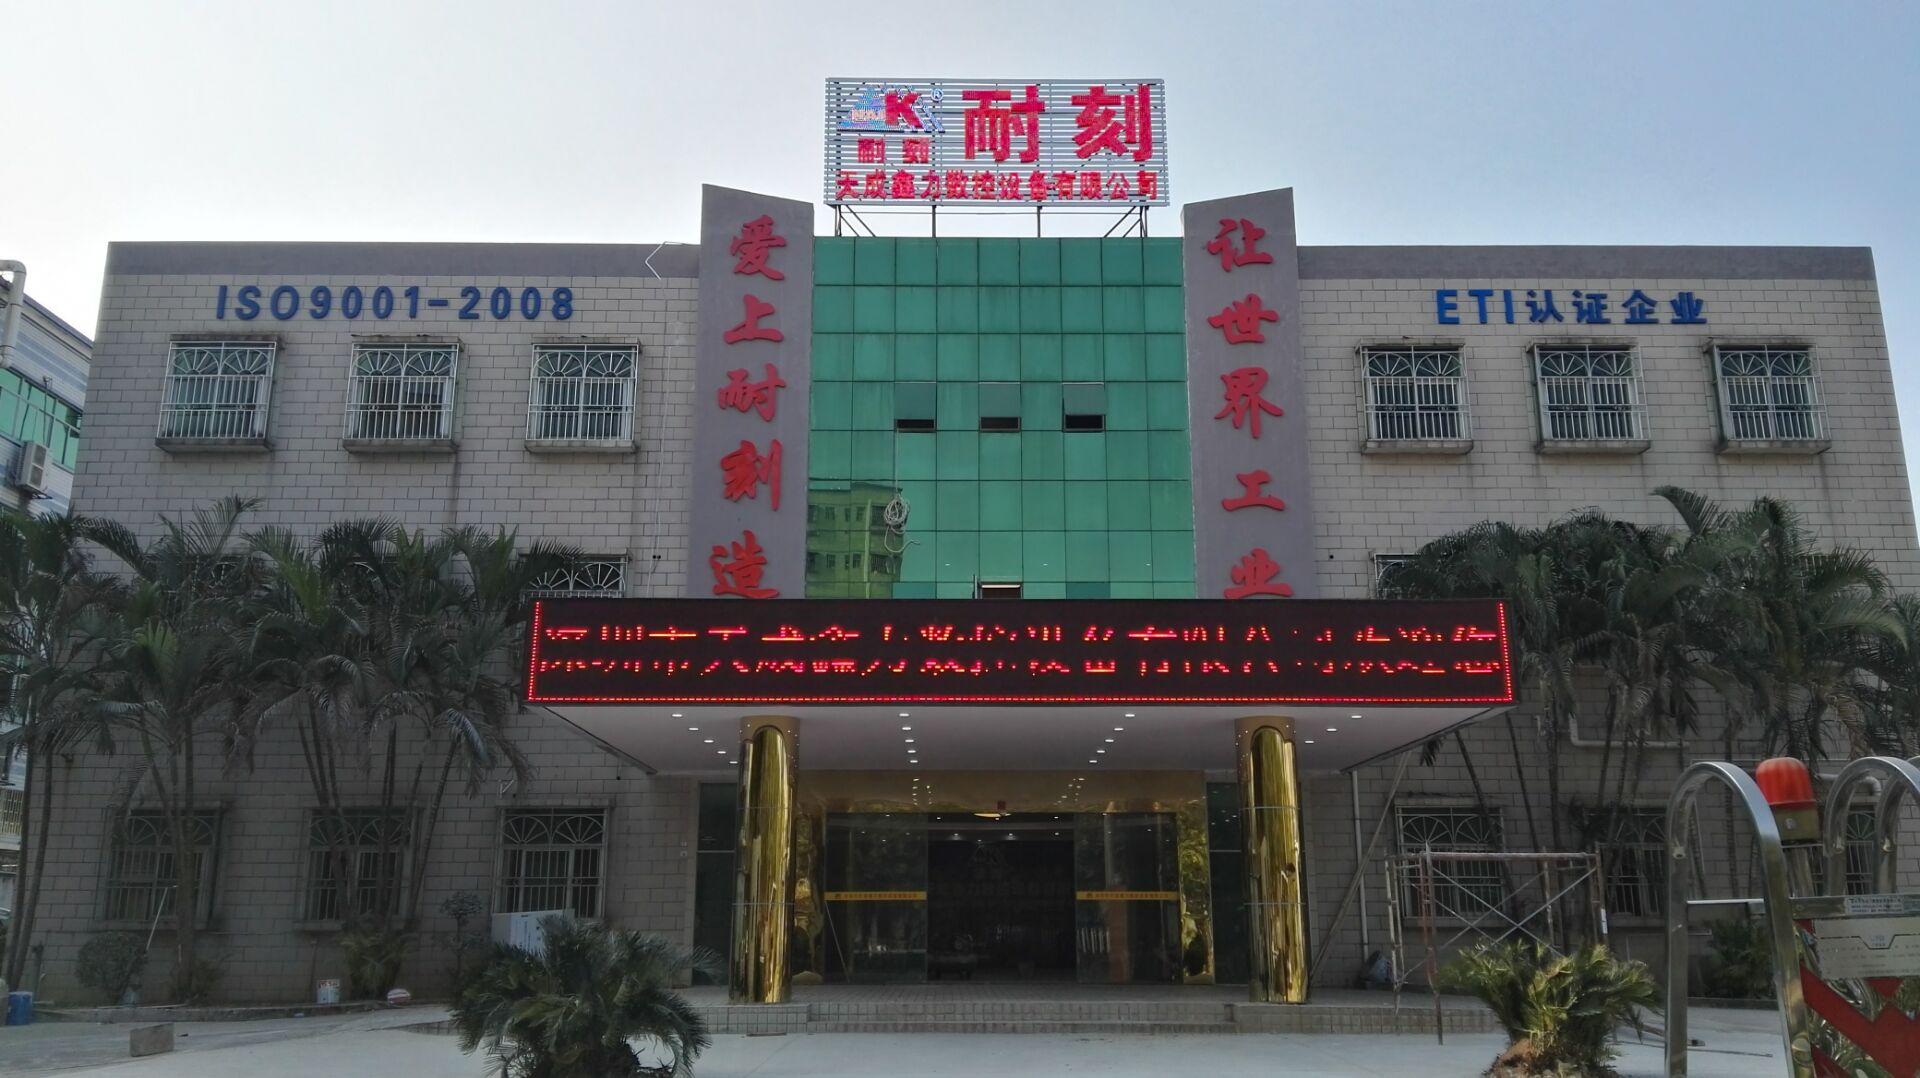 横沥企业楼顶发光大字 横沥企业楼顶发光大字价格 横沥企业楼顶发光大字设计